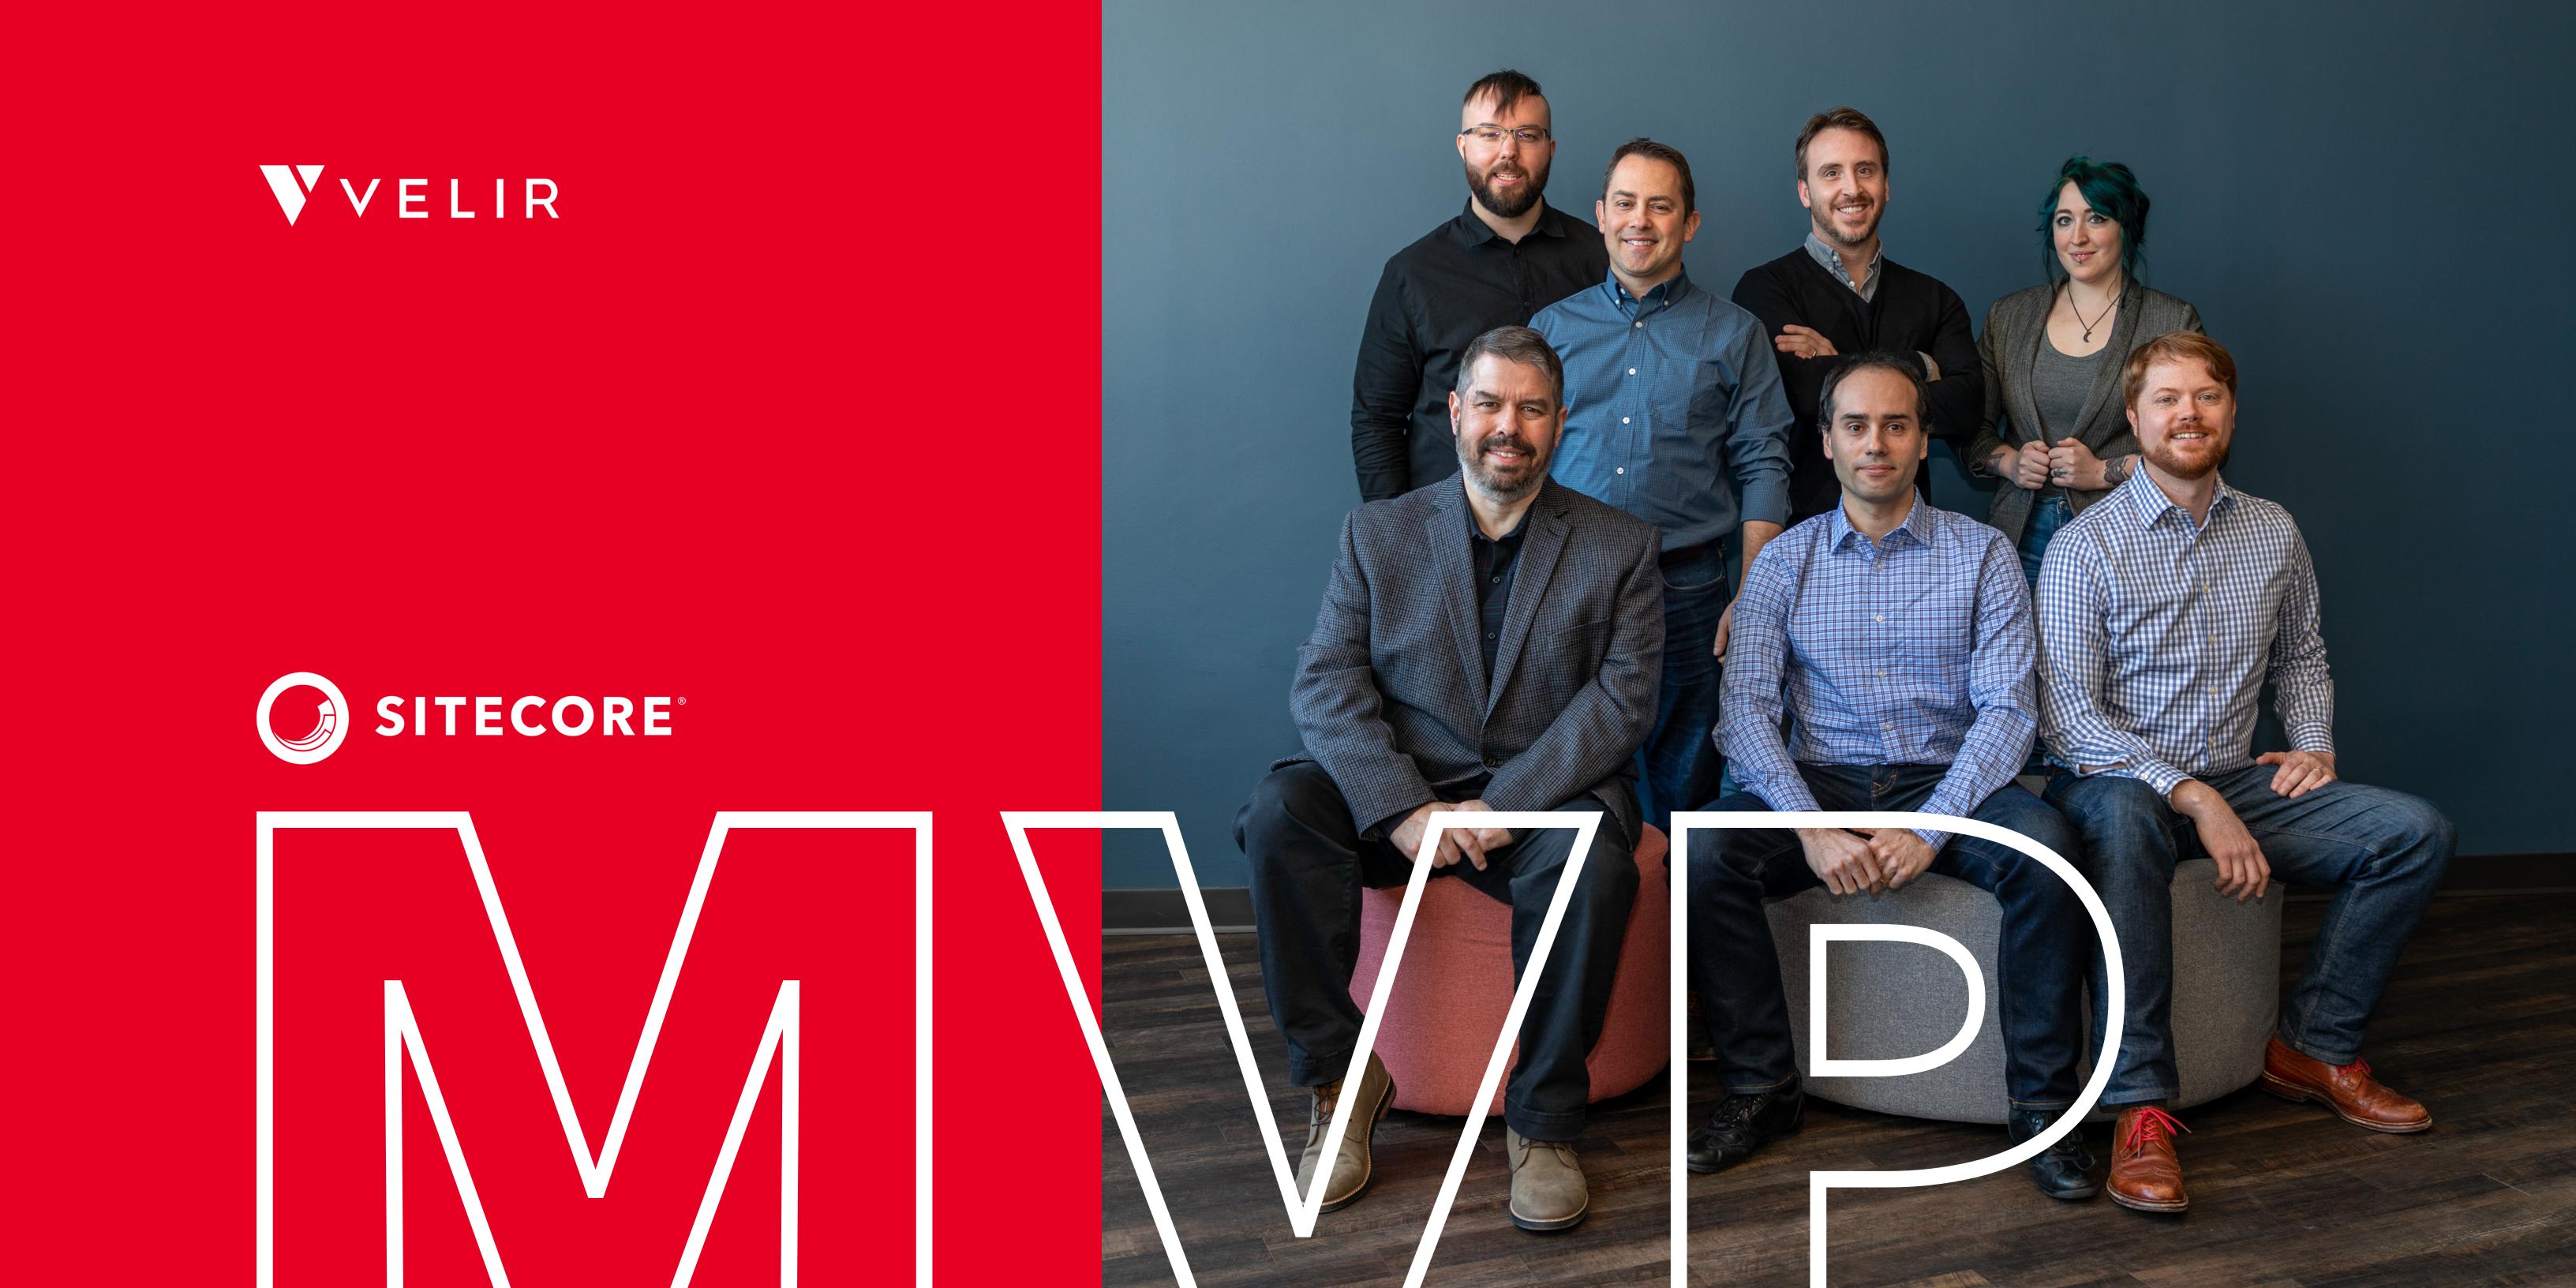 Sitecore MVPs